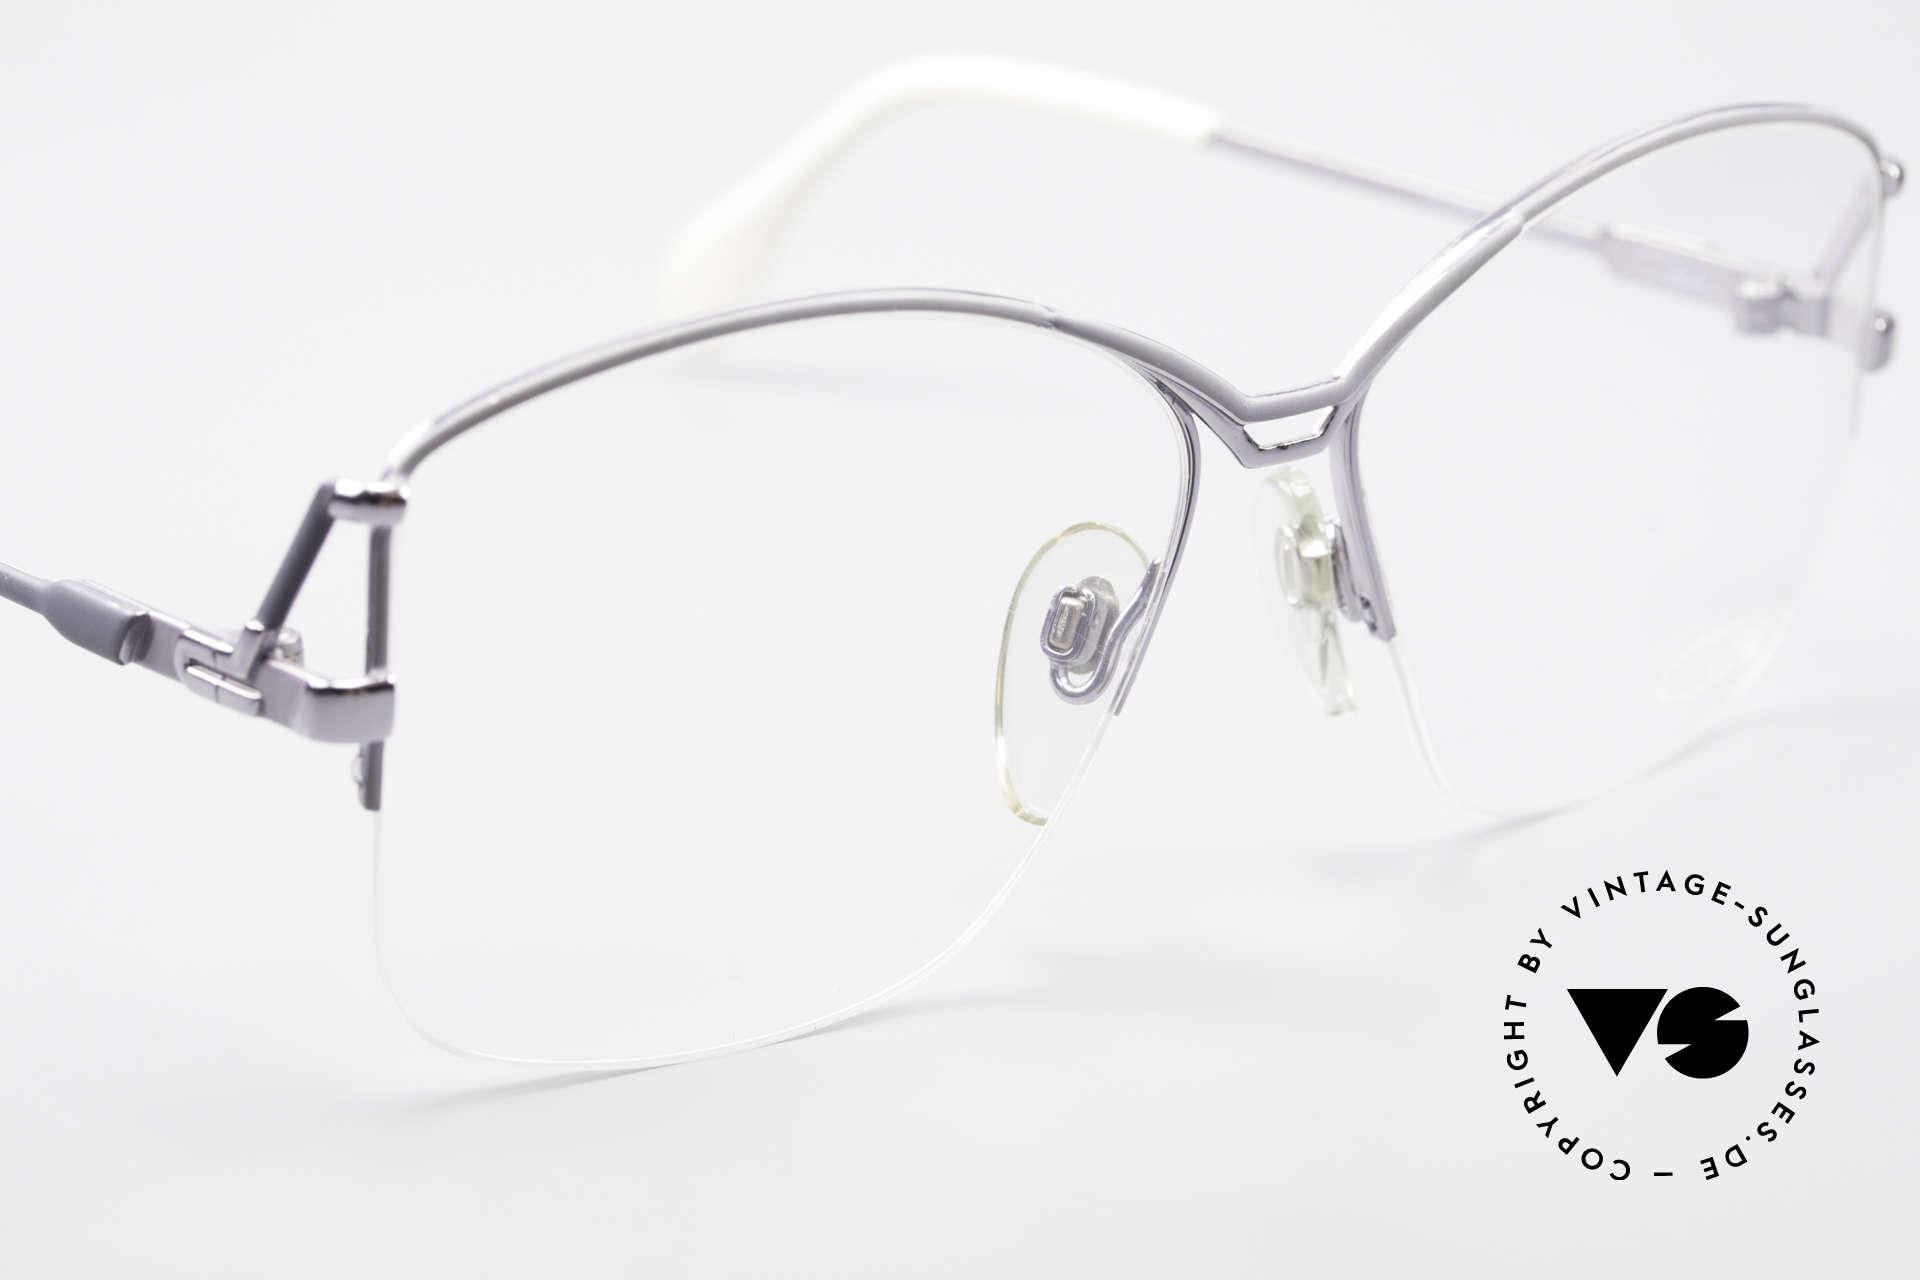 Cazal 222 80's Original No Retro Glasses, NO RETRO GLASSES, but a 35 years old ORIGINAL, Made for Women